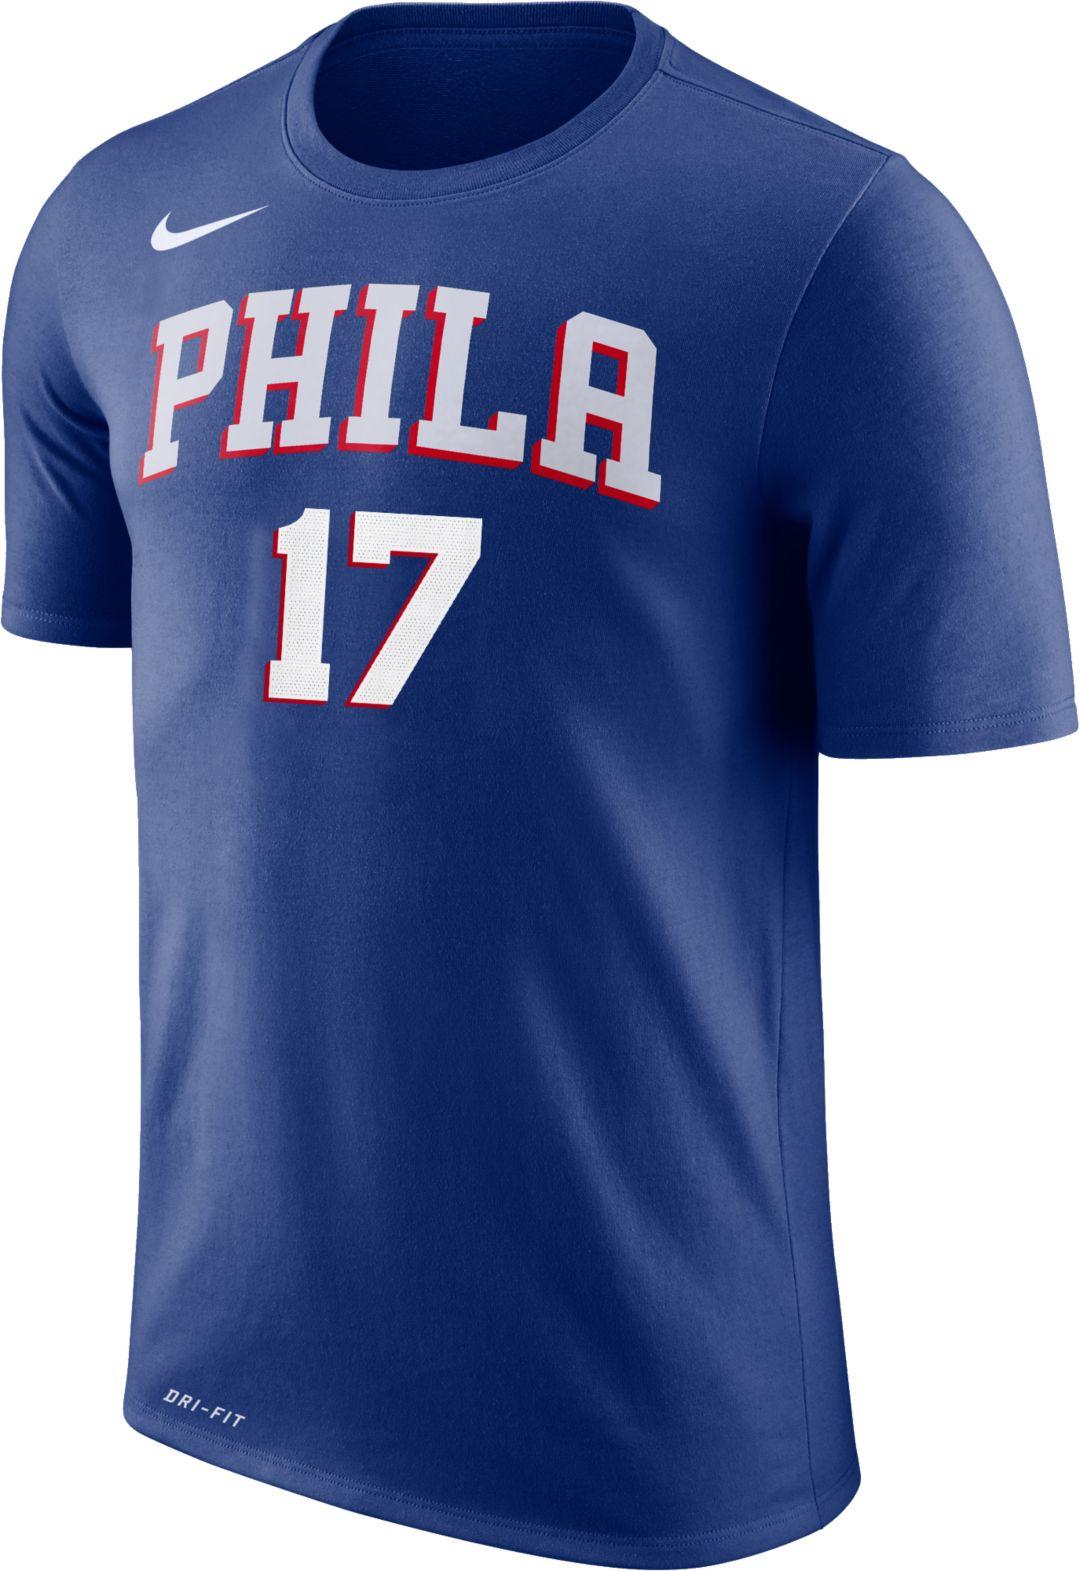 11f4fe0ef1c Nike Youth Philadelphia 76ers J.J. Redick #17 Dri-FIT Royal T-Shirt ...